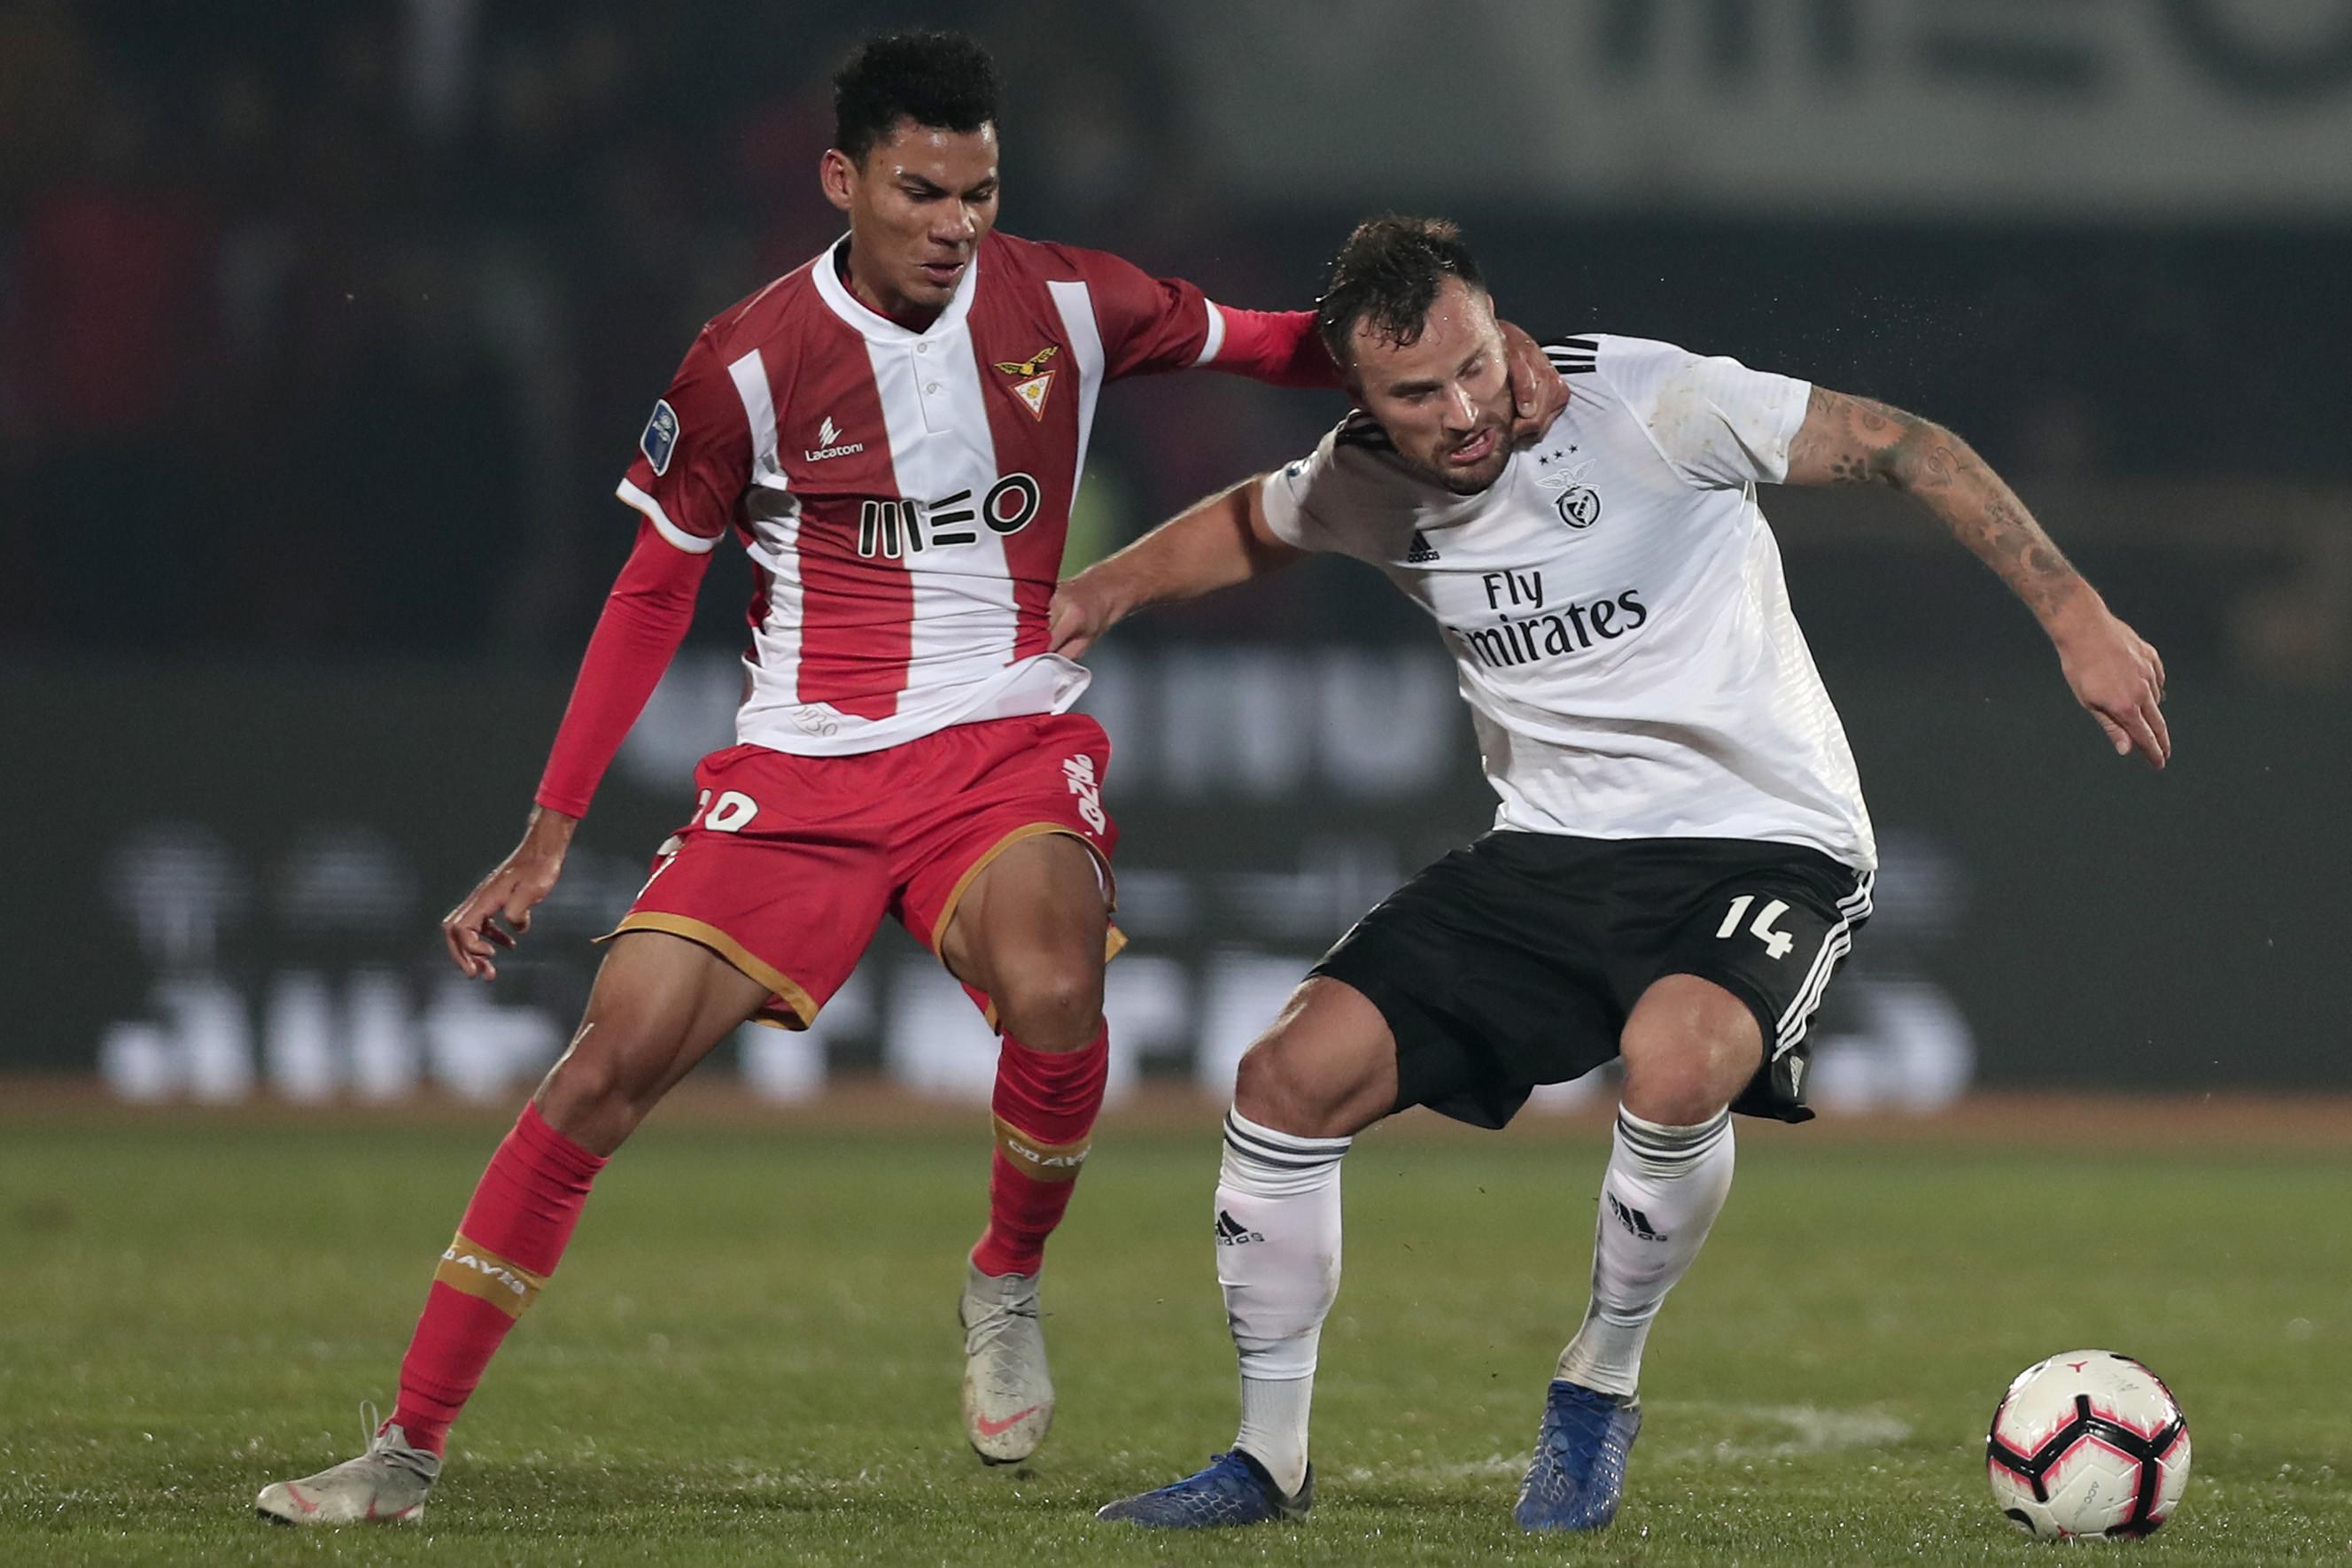 Bilhetes para o Aves-Benfica entre os 25 e os 30 euros